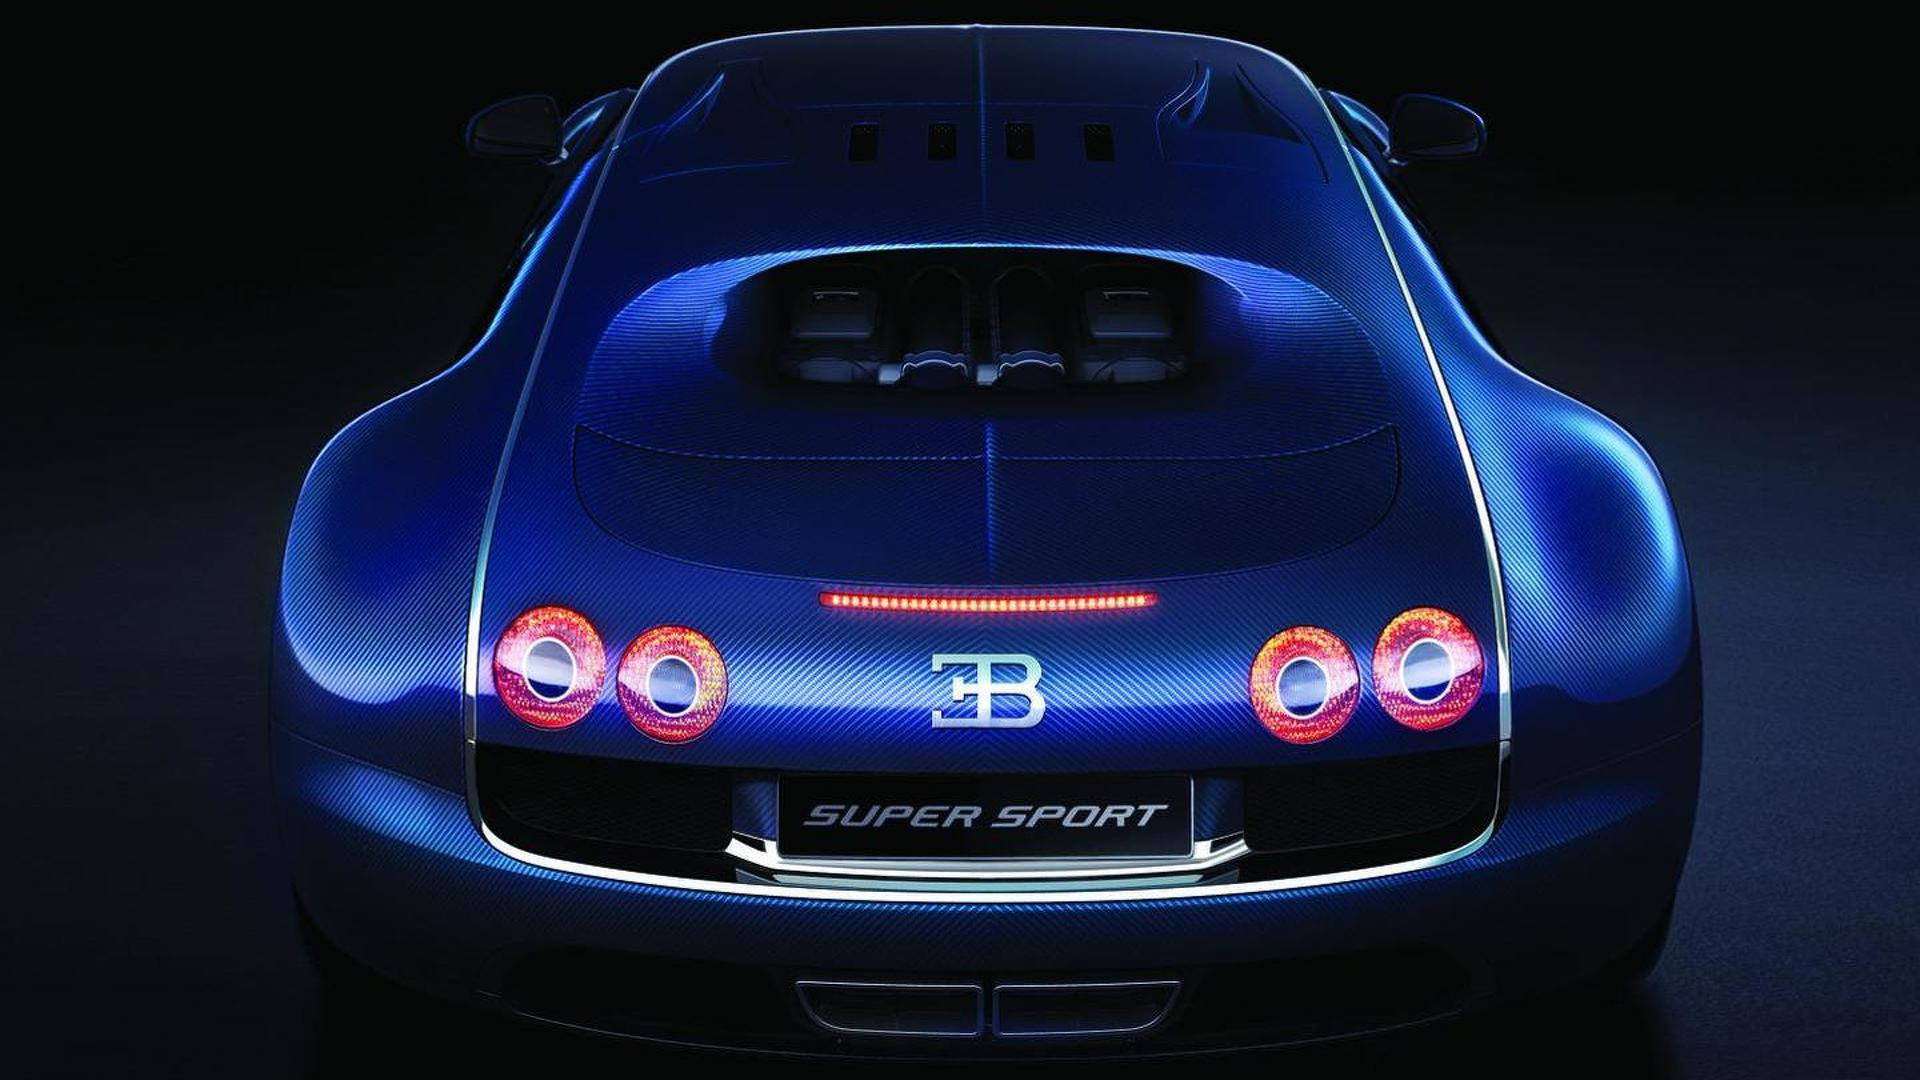 Bugatti Veyron Super Sport World Record Edition Limited To 10 Mph